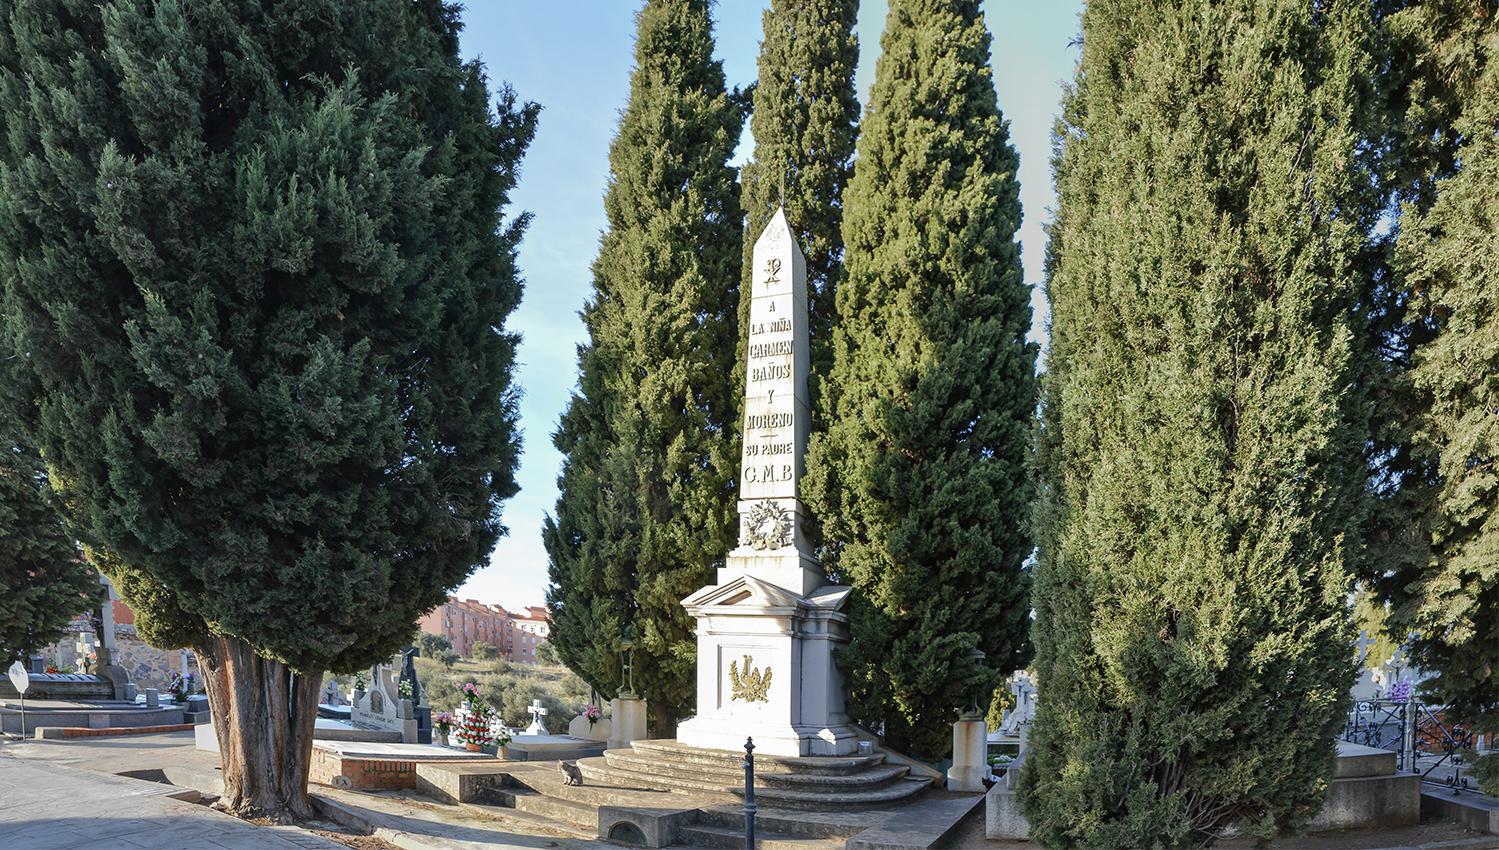 Mausoleo de Carmen Baños, hija de Gabriel Melitón Baños, en el Cementerio Municipal de Toledo. Fotografía: Jose María Gutiérrez Arias. Sección Vivienda, Consorcio de la Ciudad de Toledo. Año 2018.